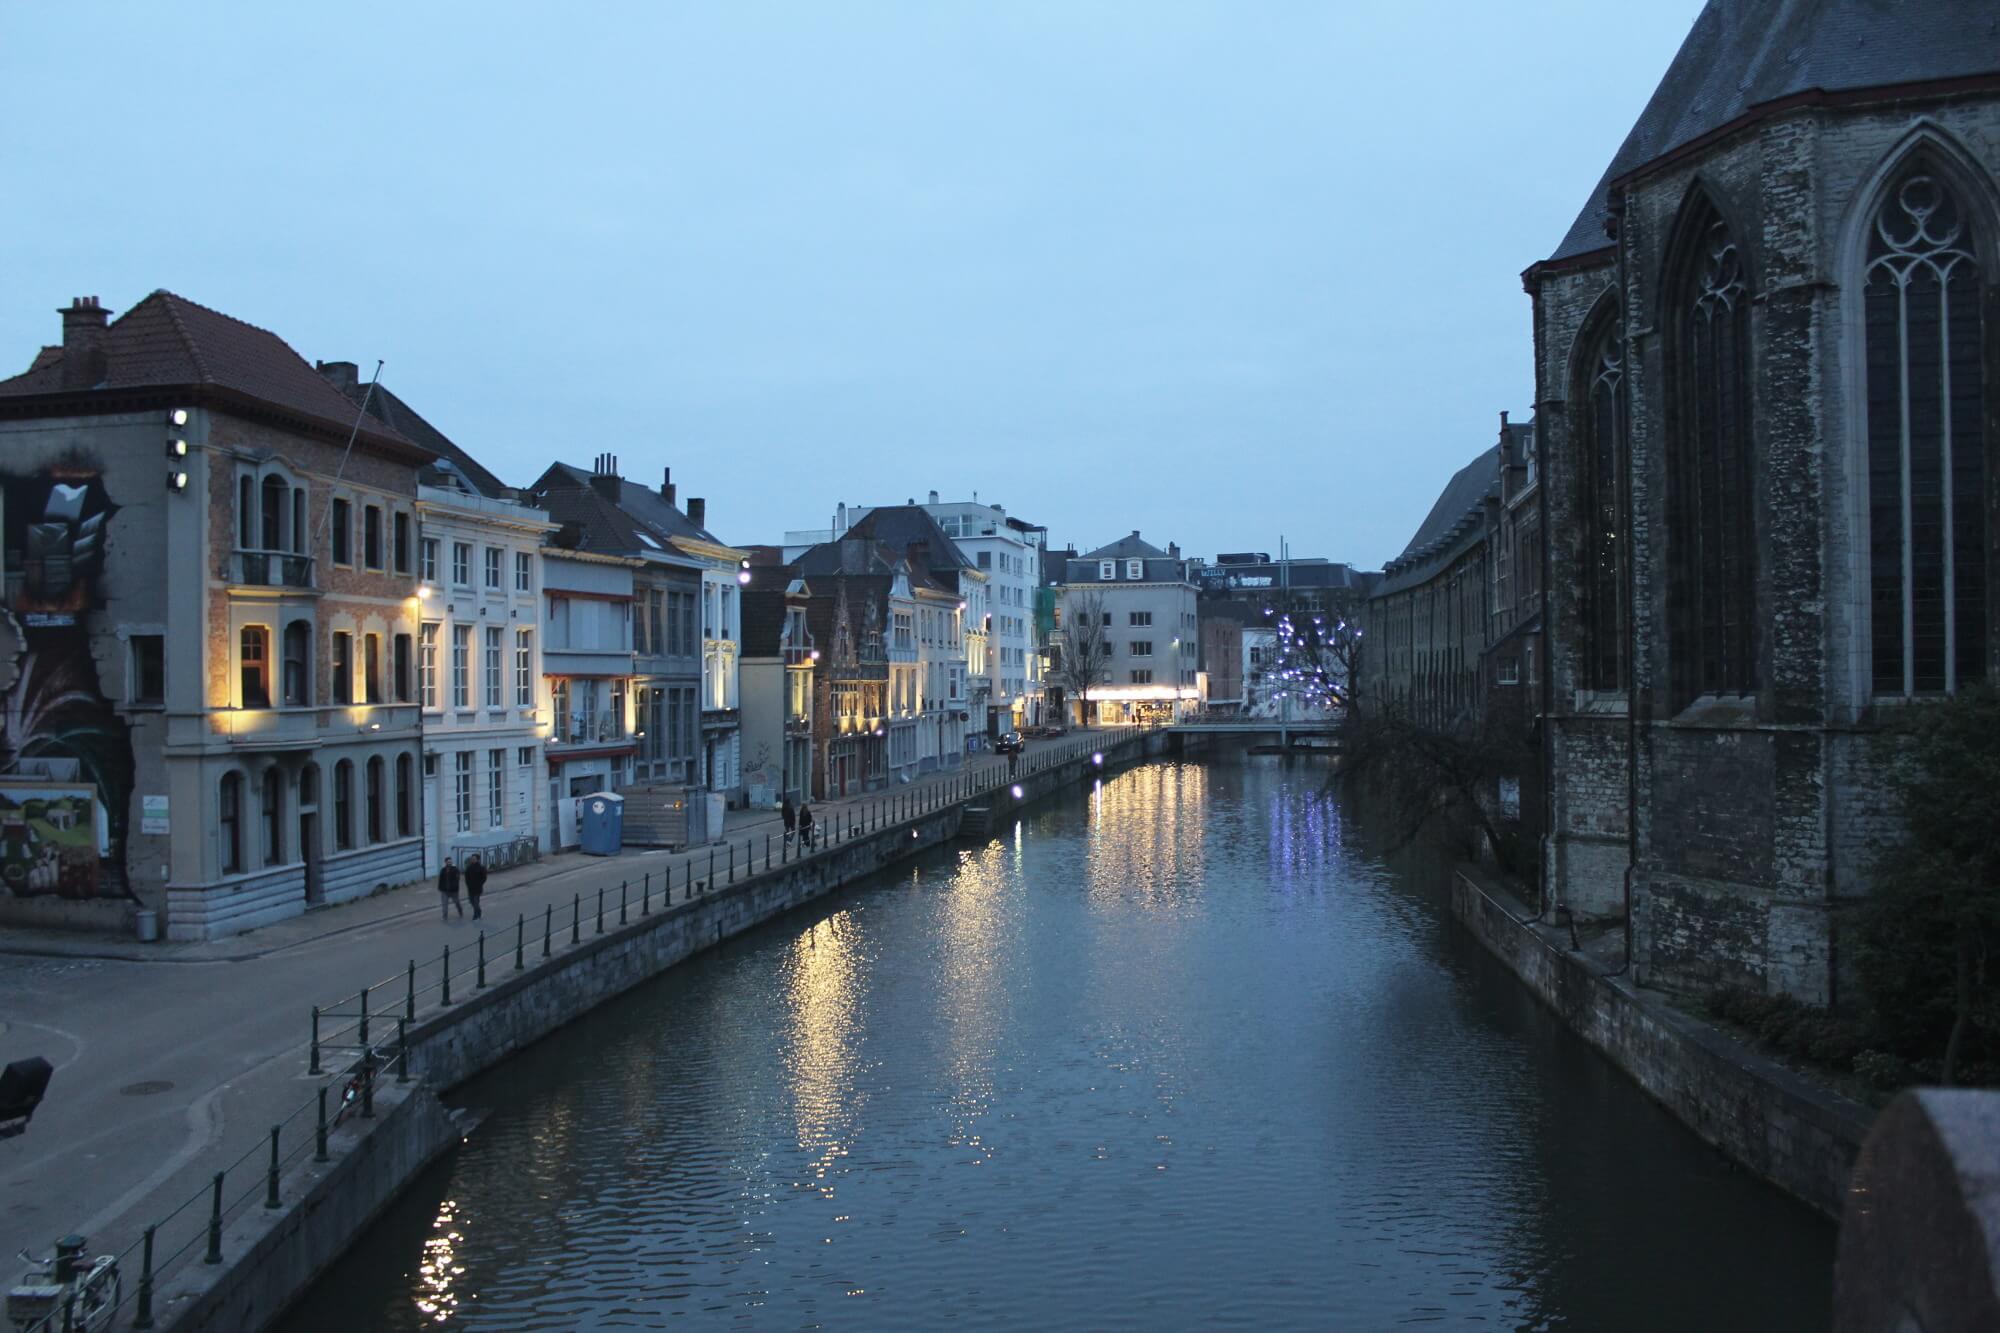 Blick auf Nobelviertel in Gent bei Dämmerung